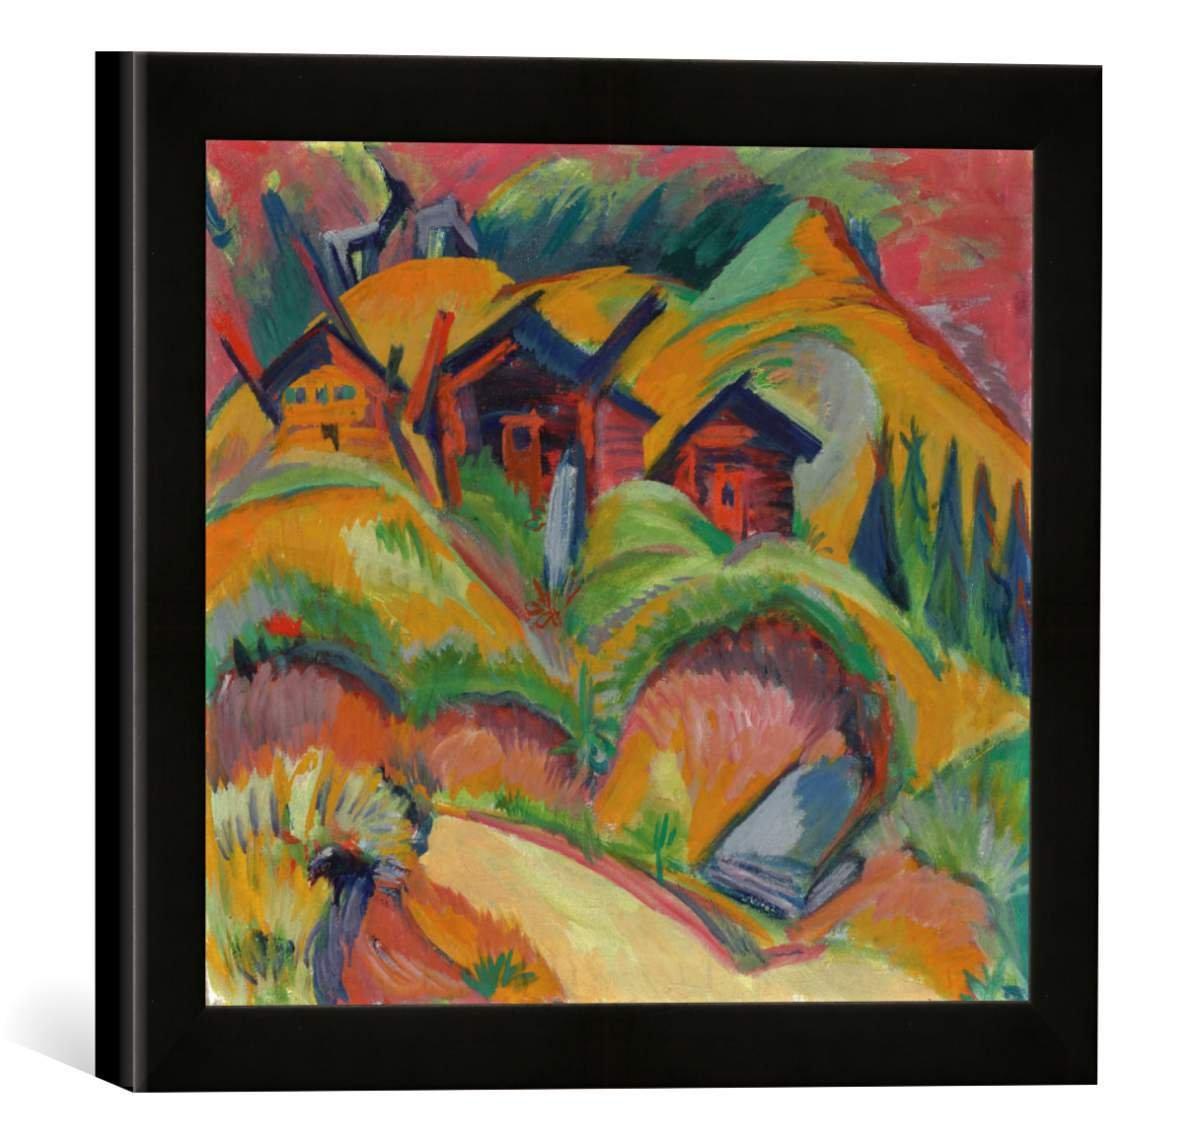 Gerahmtes Bild von Ernst Ludwig Kirchner DREI Hütten am Hügel, rote Hütten, Kunstdruck im hochwertigen handgefertigten Bilder-Rahmen, 30x30 cm, Schwarz matt